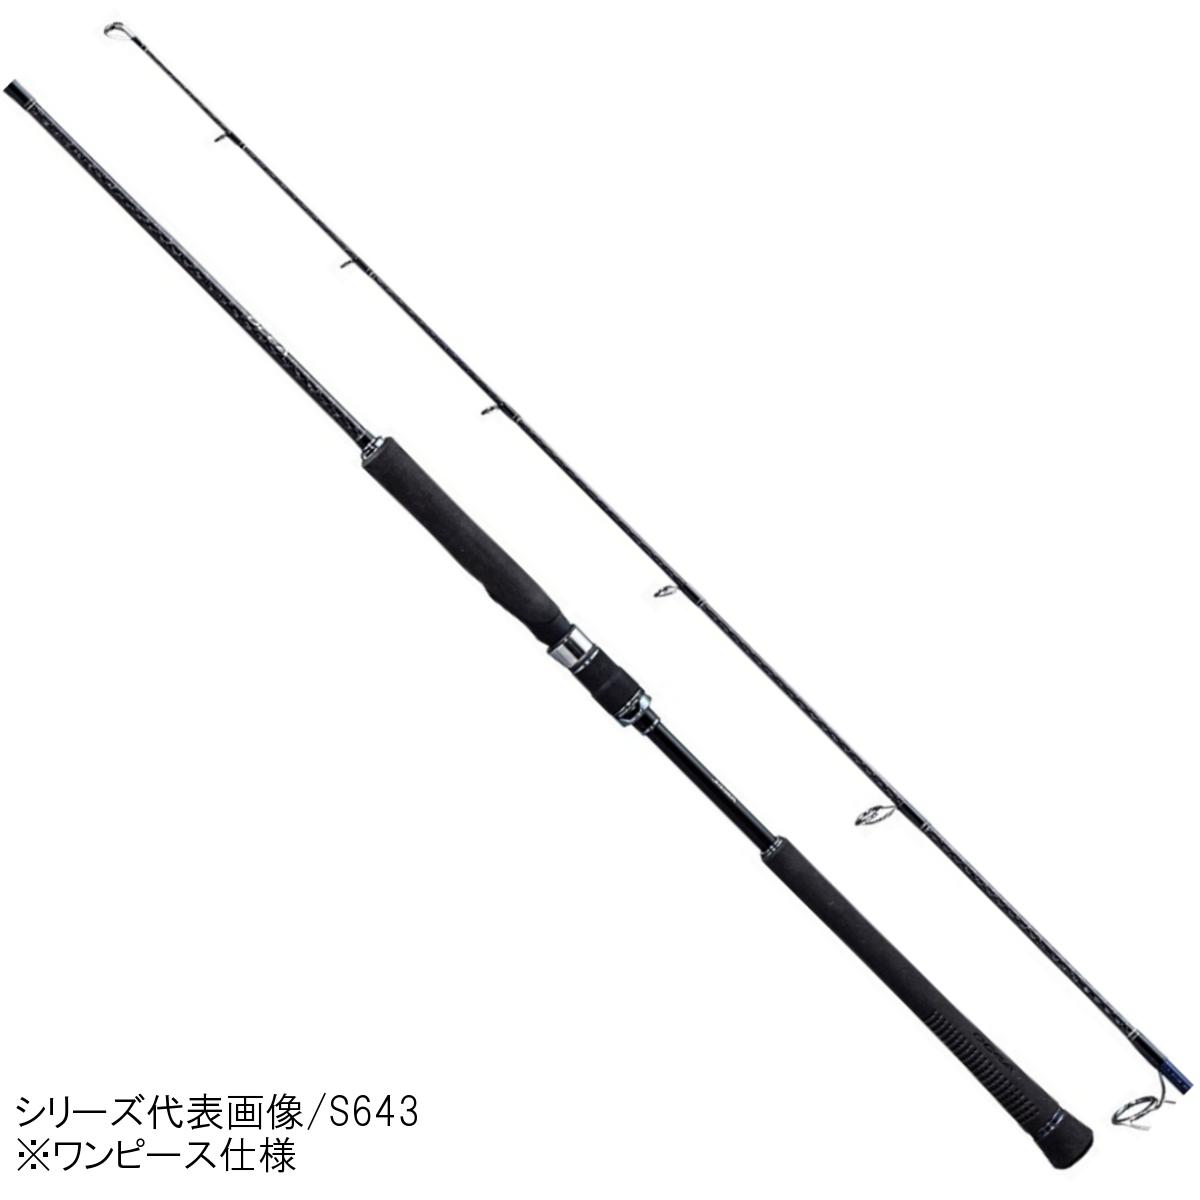 シマノ オシア ジガー スピニング ナチュラルジャーク S641【大型商品】